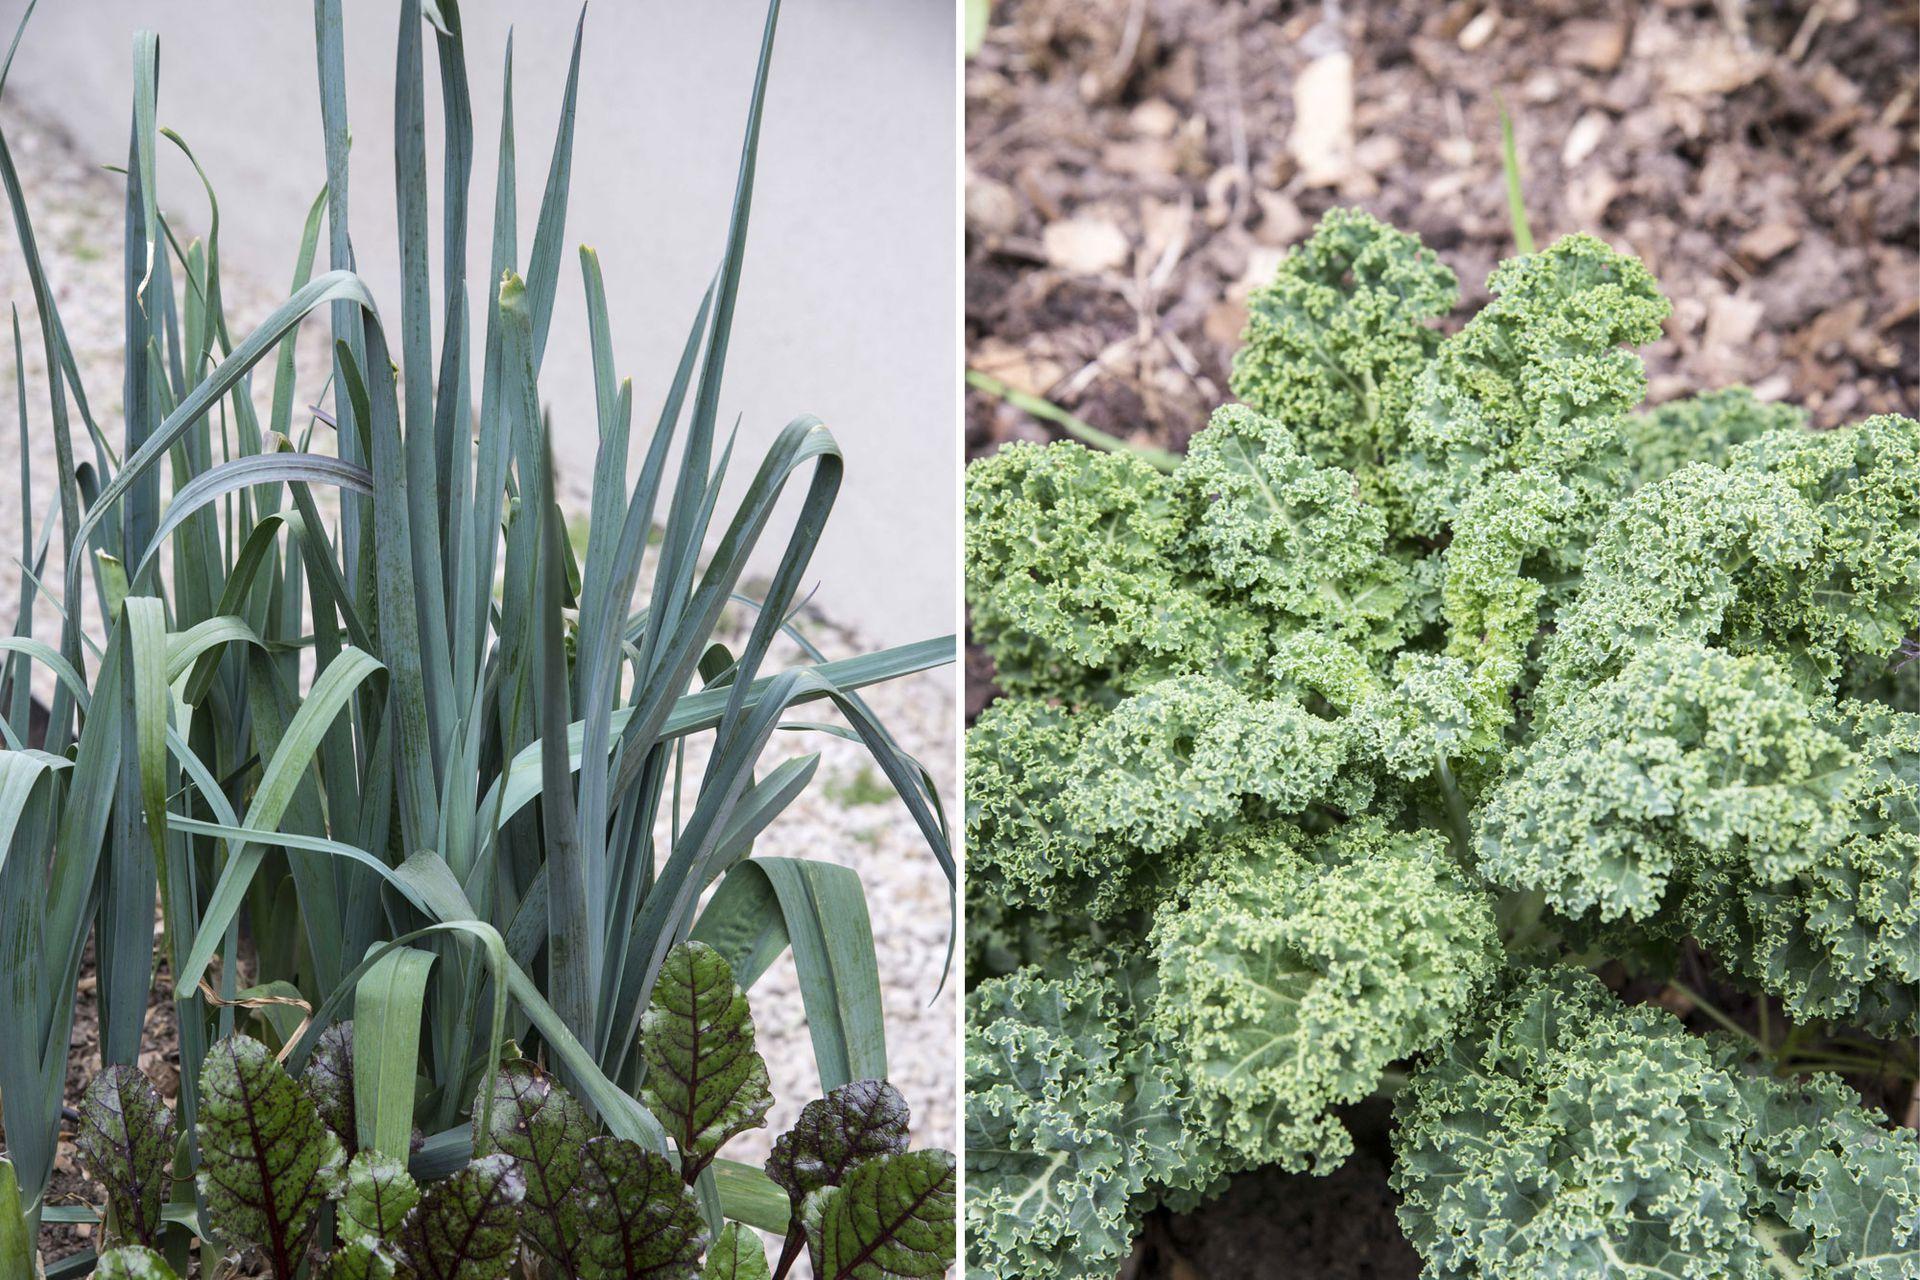 Puerro y kale. Ambos admiten varias formas de usarlos y prepararlos.